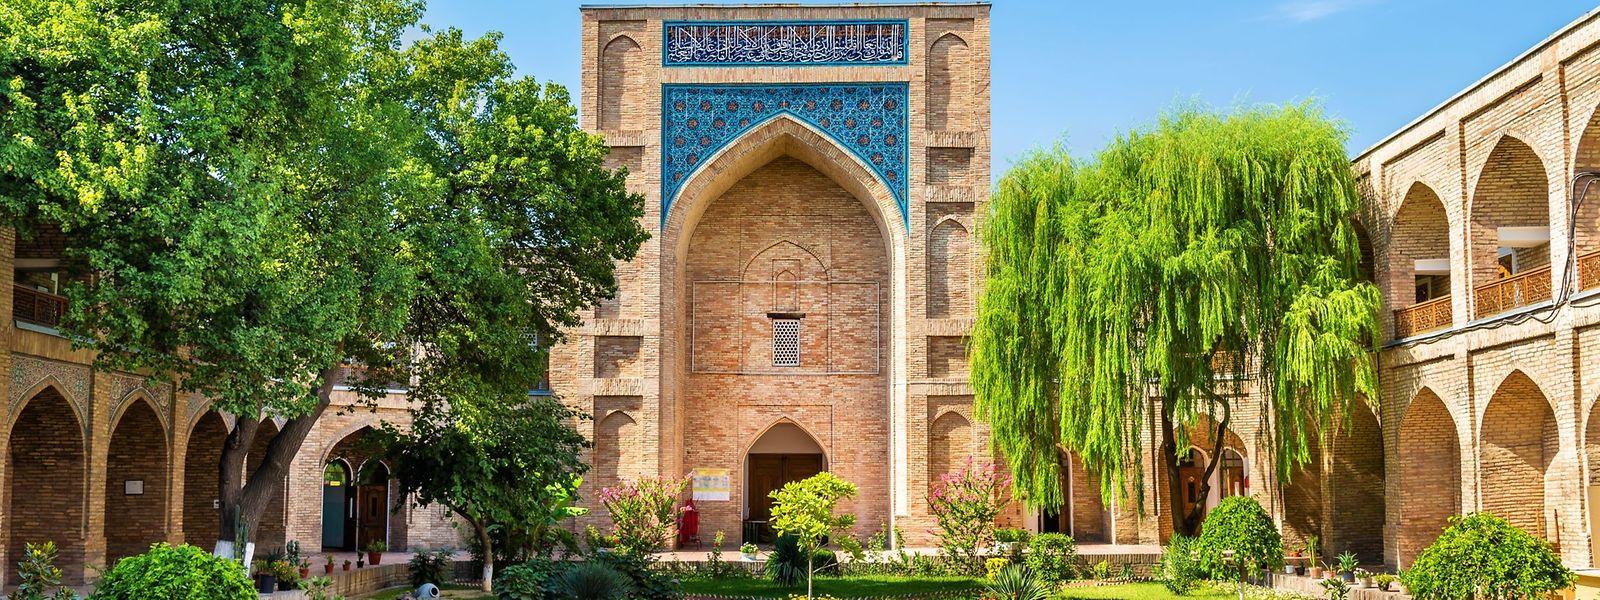 Die 1570 erbaute Kukaldasch-Medresse in der Hauptstadt Taschkent wird derzeit wieder als Bildungsanstalt genutzt. Zuvor diente sie zwischenzeitlich als Herberge und Museum.